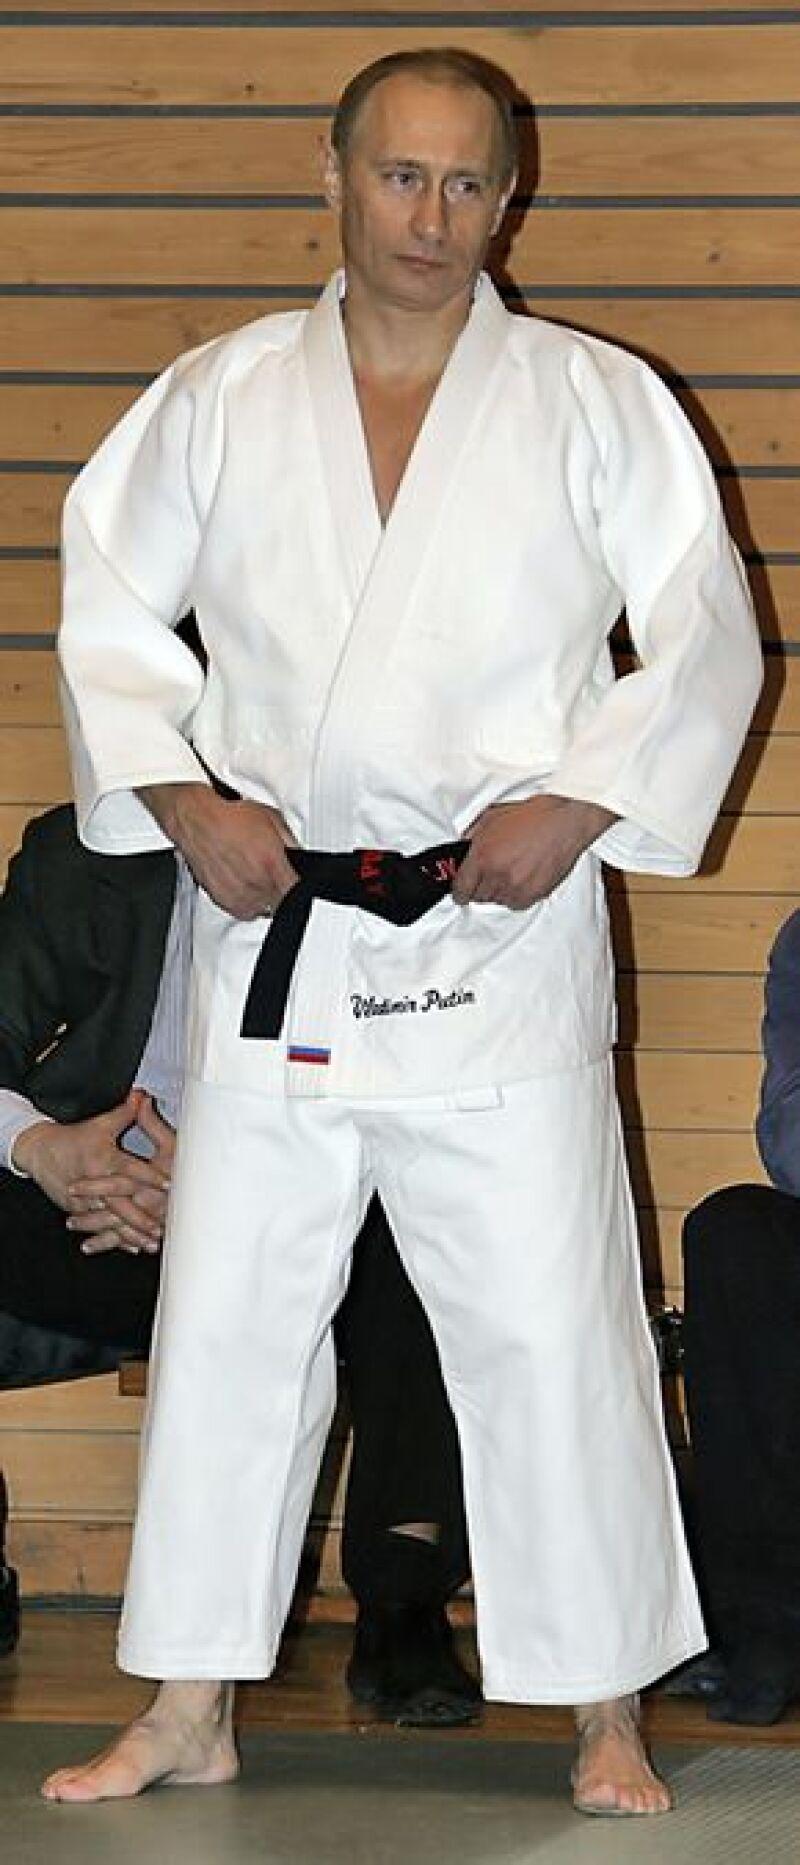 El primer ministro ruso presentó su primer DVD de este deporte, el cual practica desde pequeño.